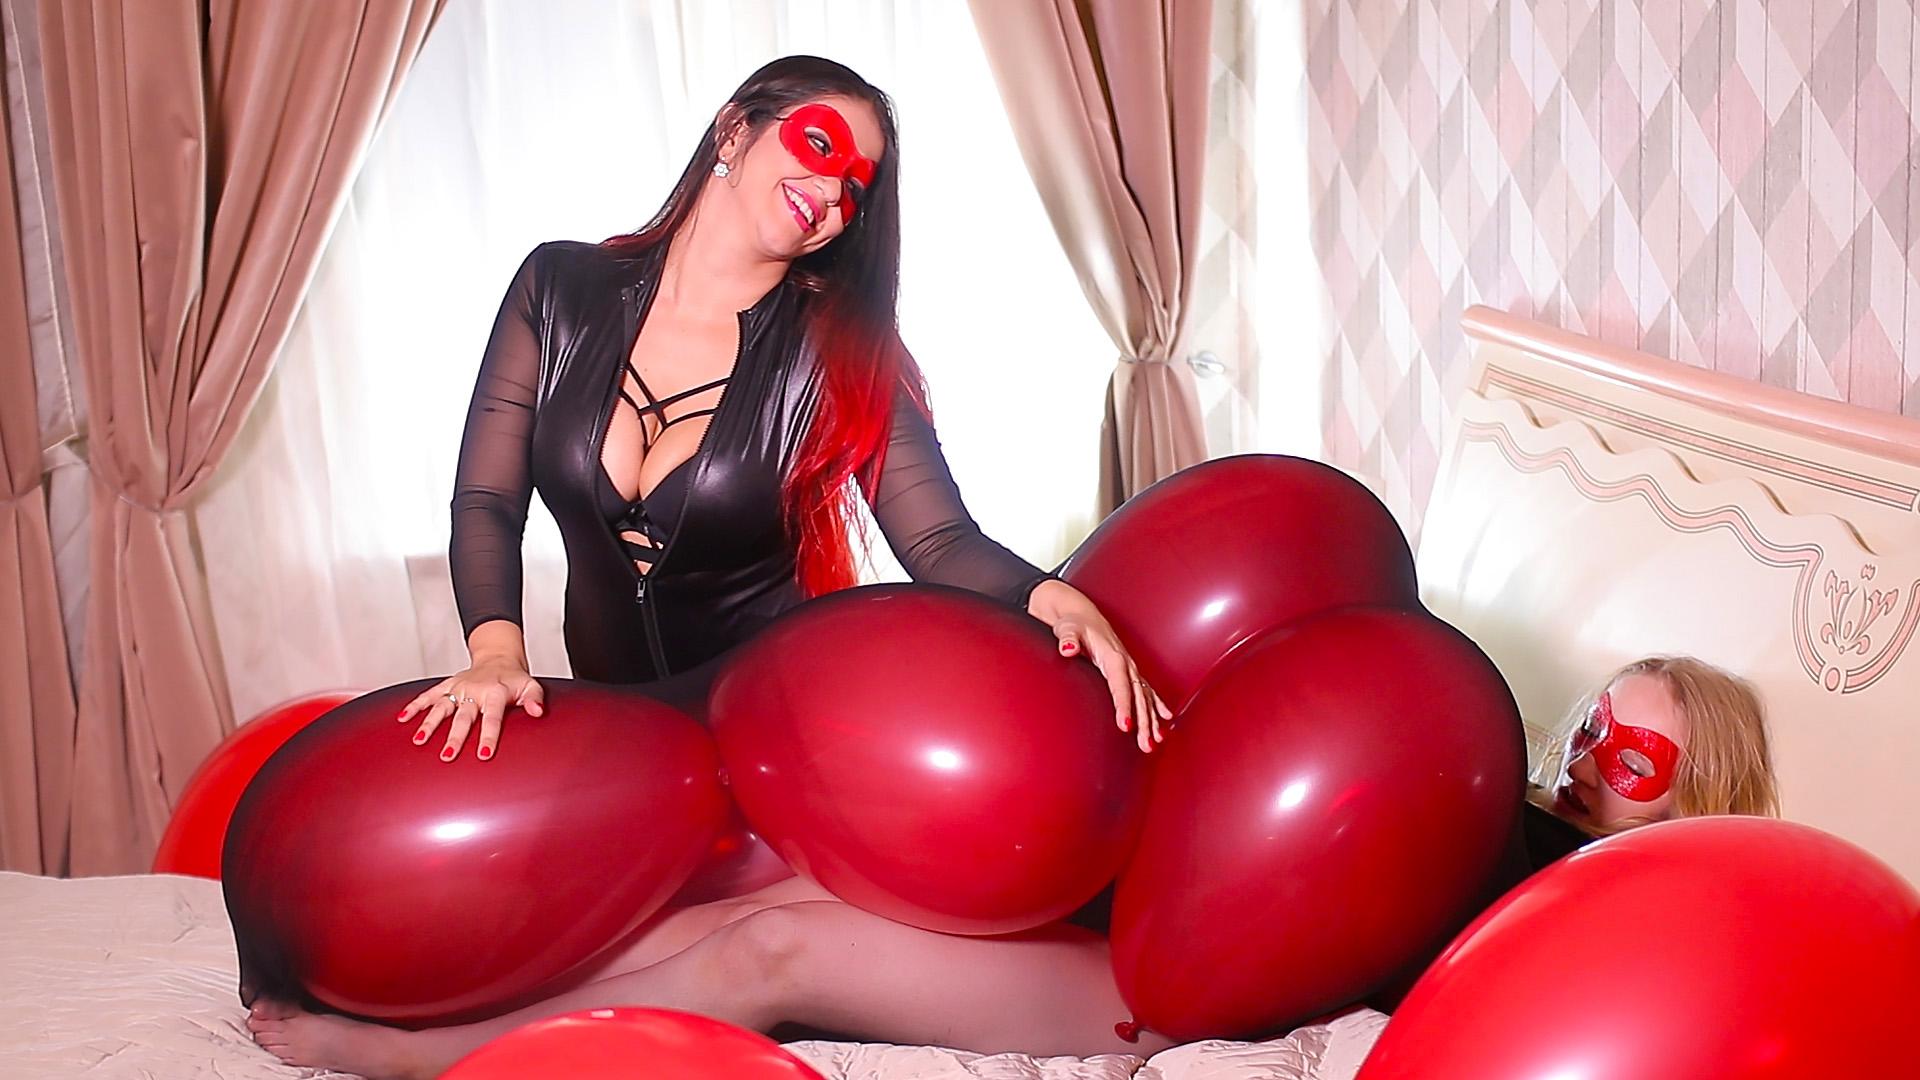 Alissaballoons on twitter